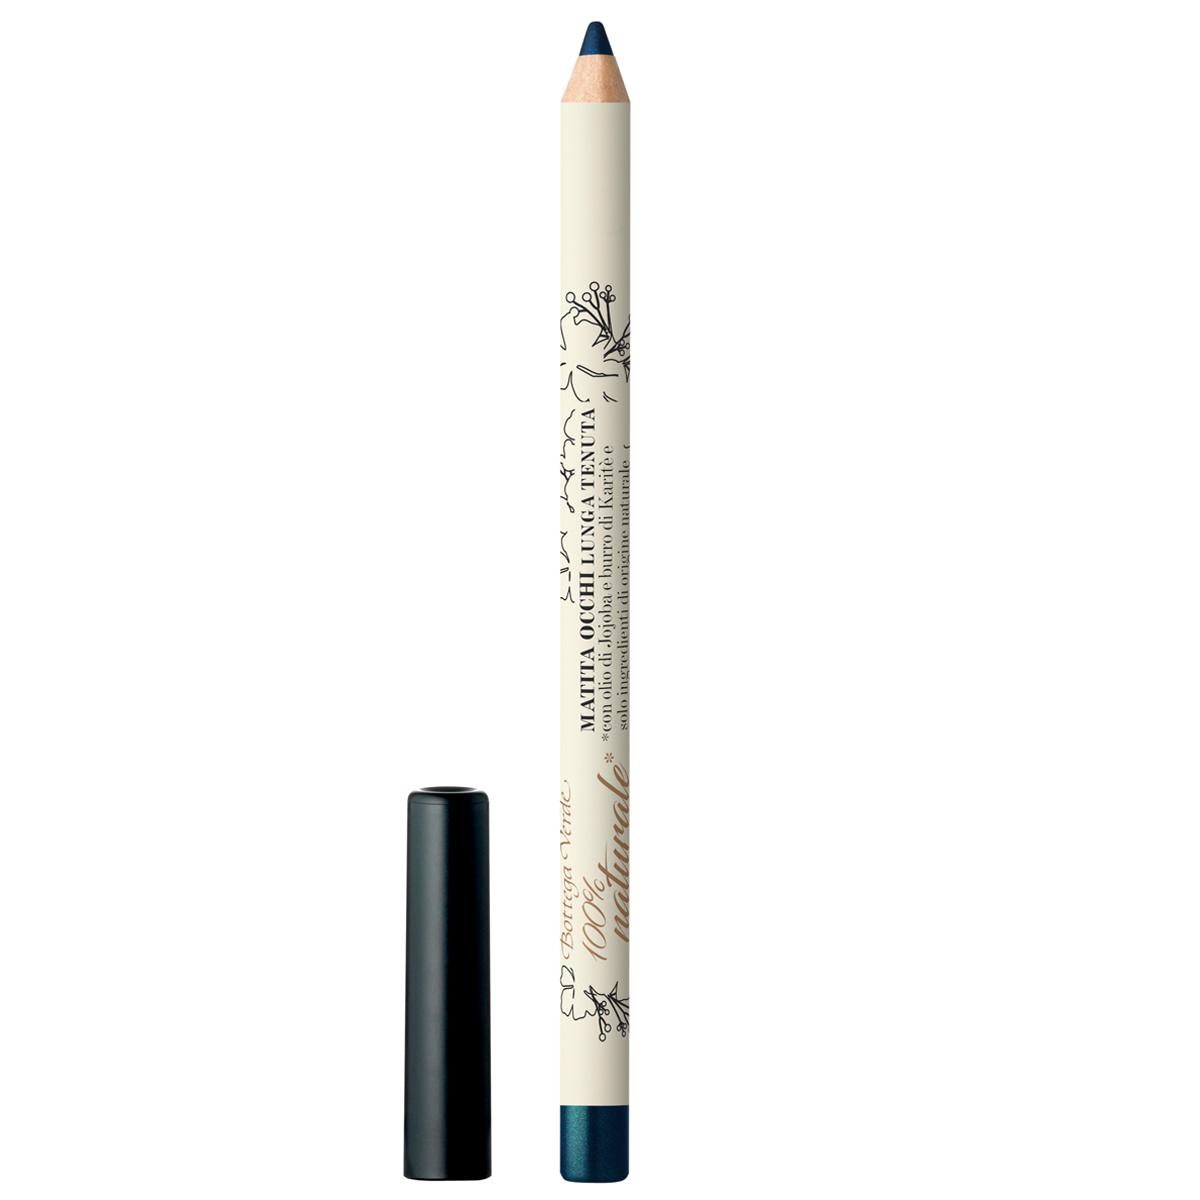 Creion pentru ochi alungiti, cu ulei de jojoba si unt de shea- delicat si intens